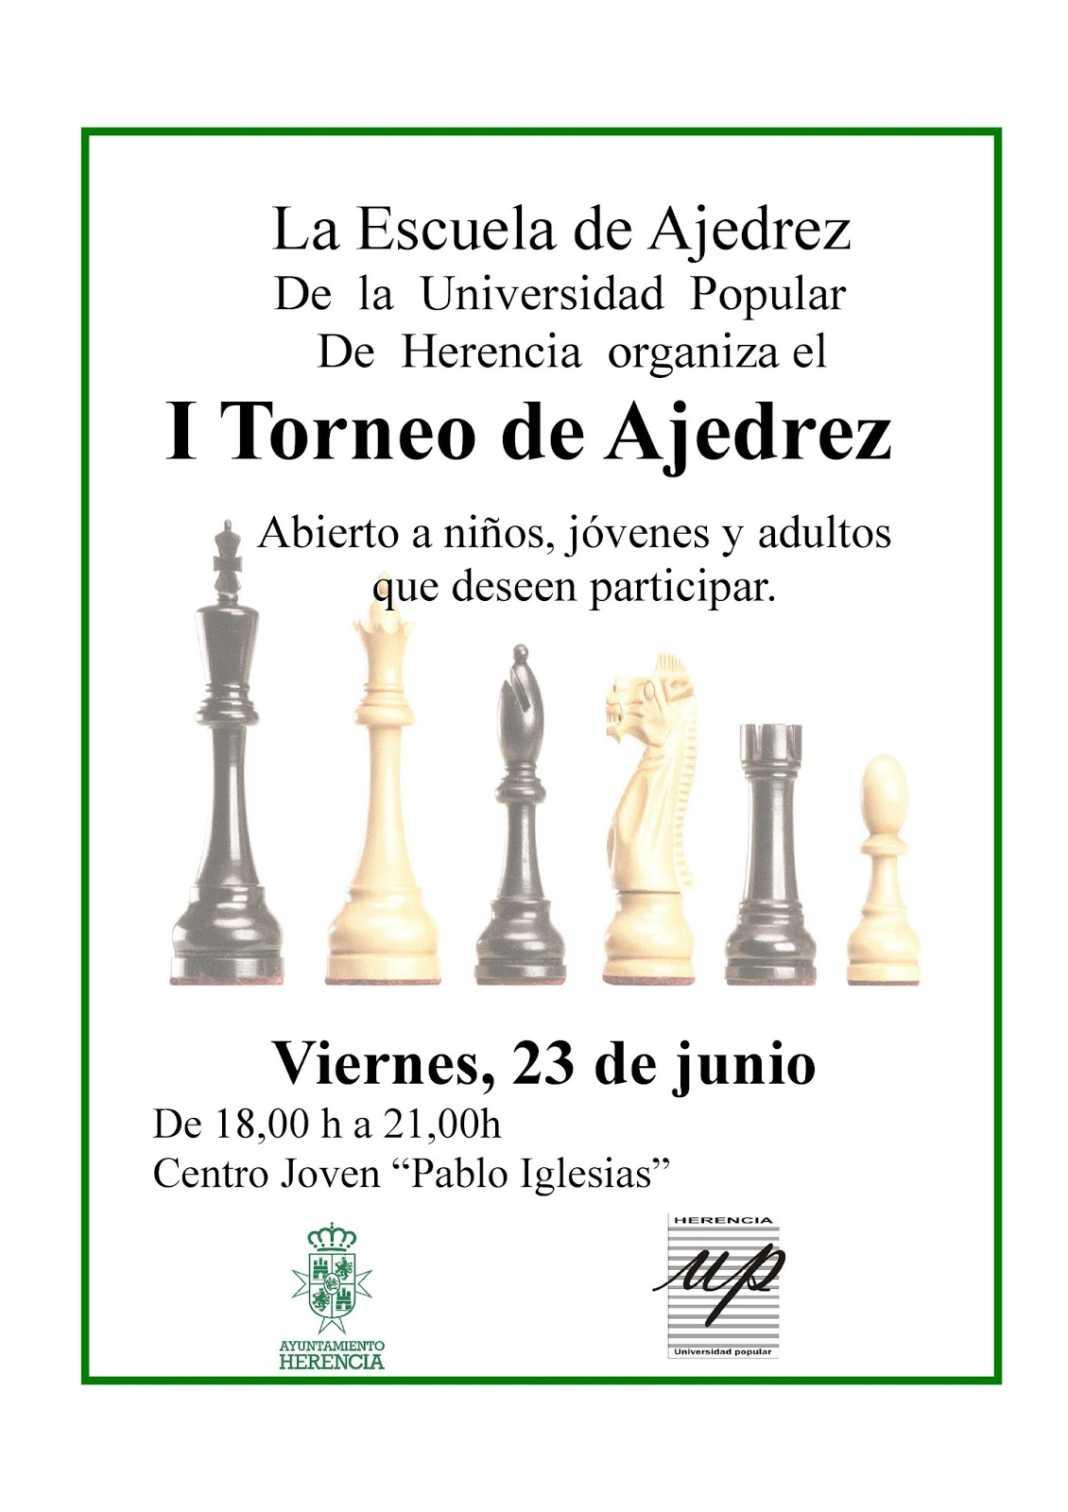 torneo de ajedrez 2017 herencia 1068x1512 - I Torneo de la Escuela de Ajedrez de la Universidad Popular en Herencia